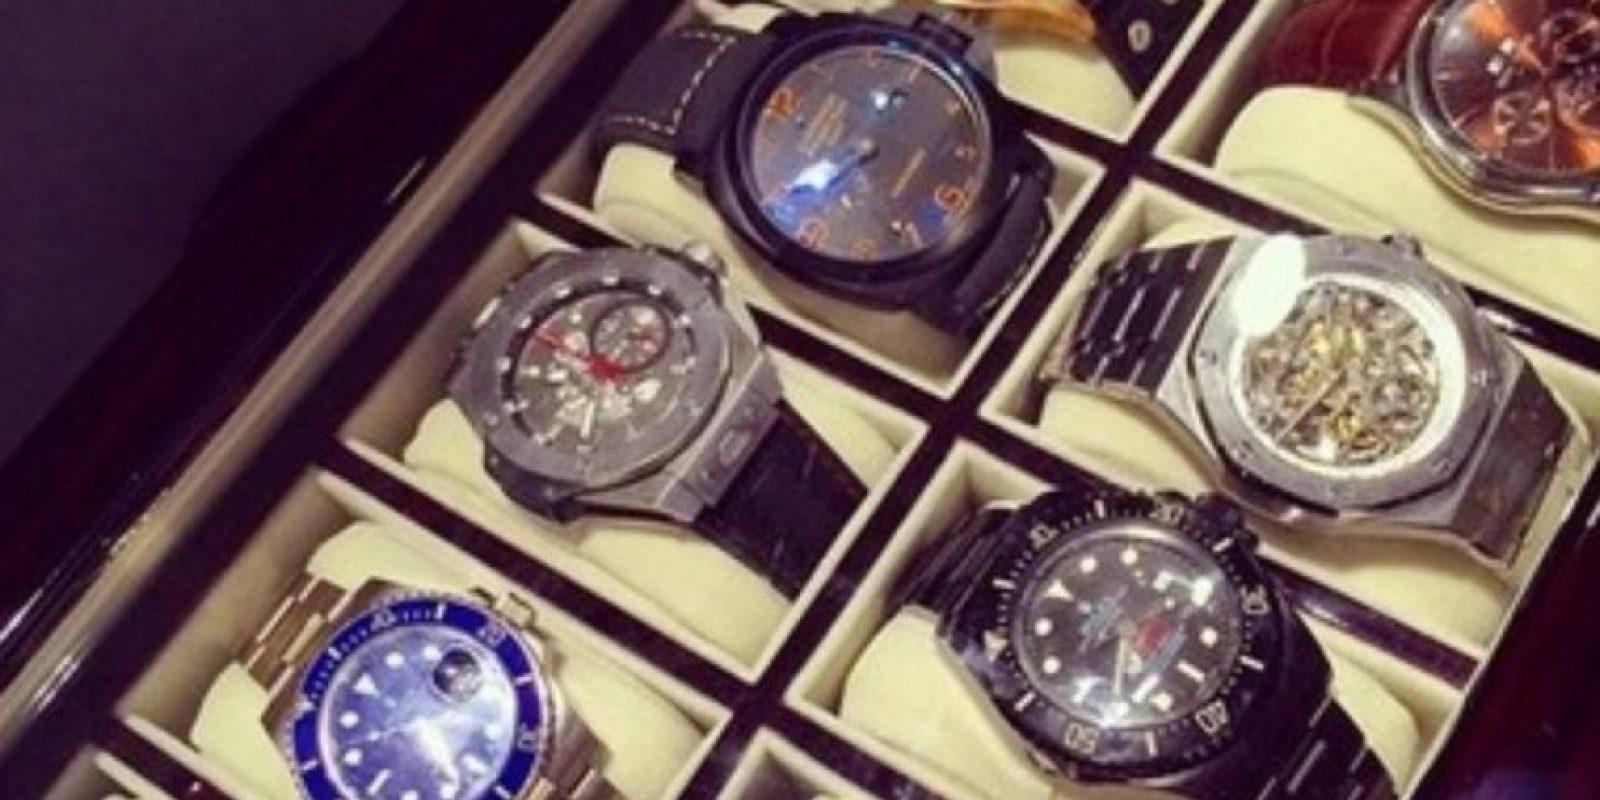 Coleccionar relojes. Foto:vía Tumblr/richkidsofInstagram. Imagen Por: